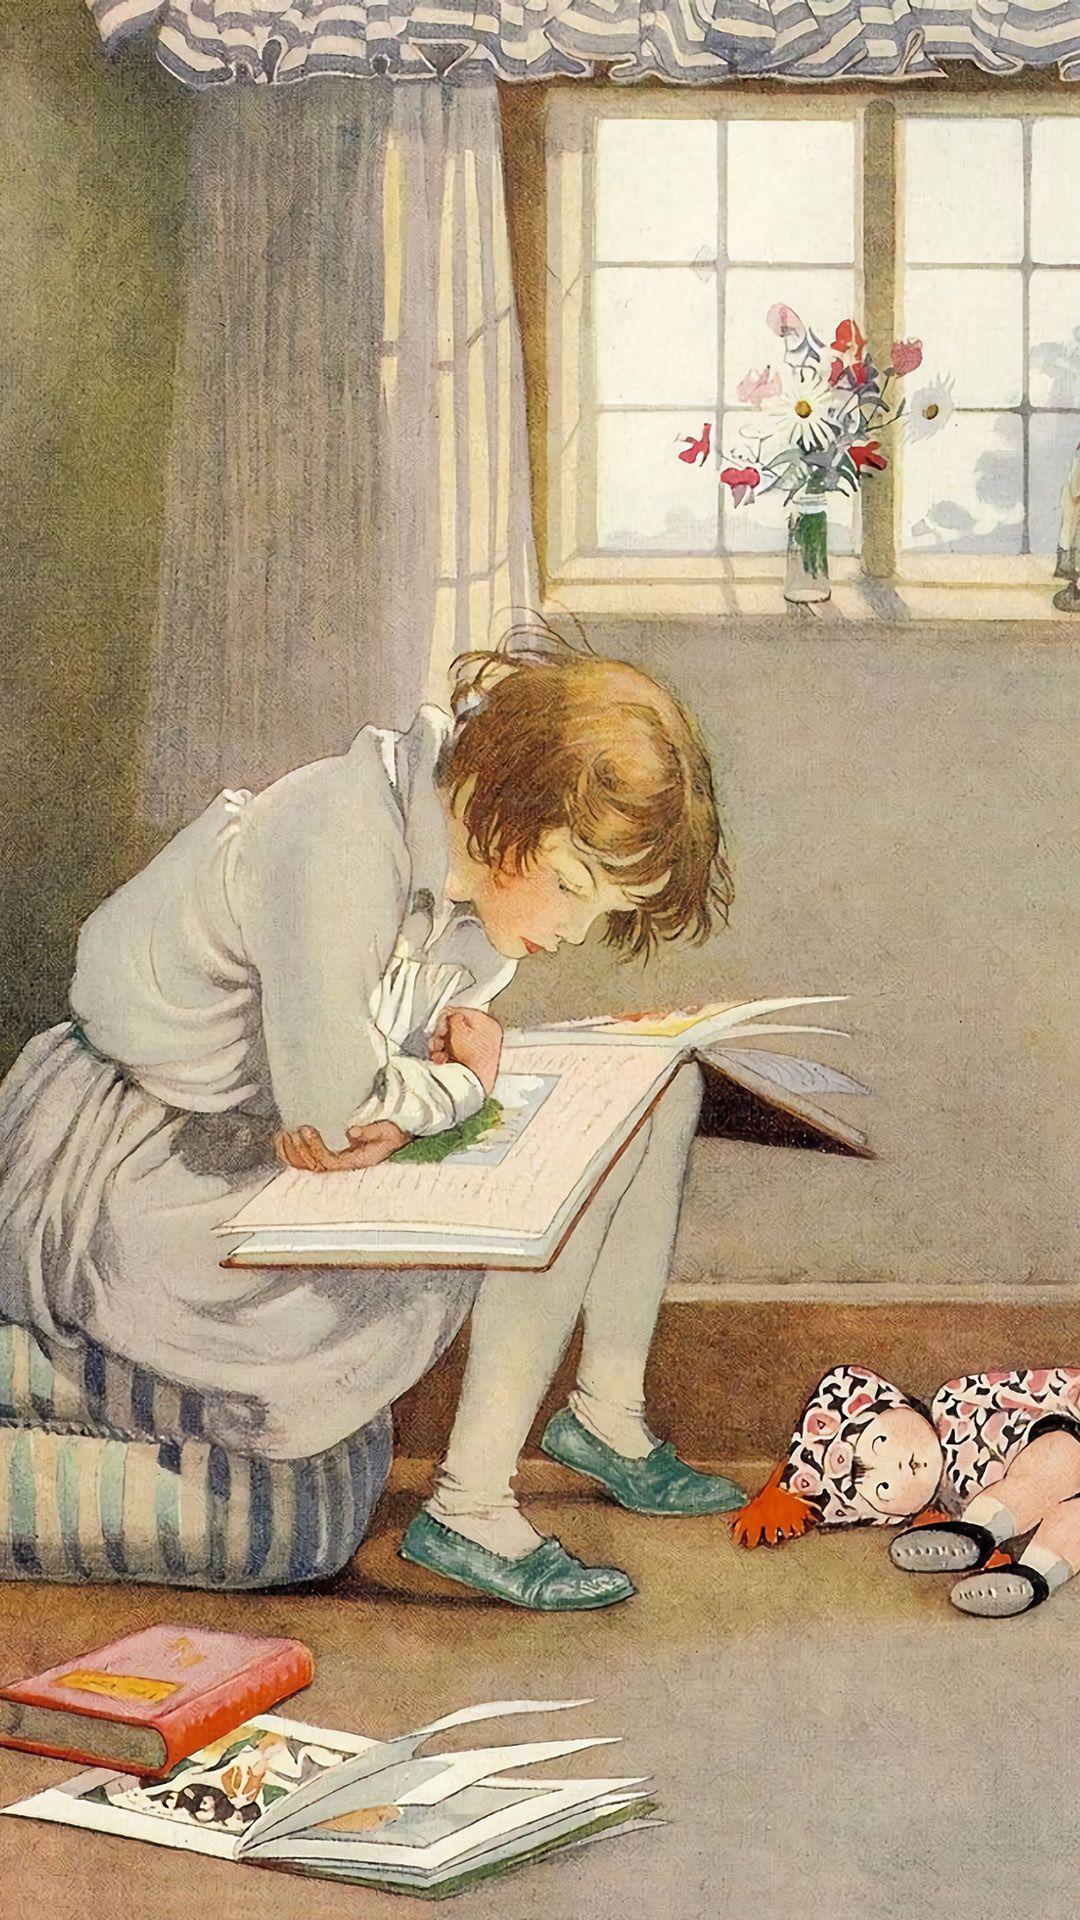 ホーナー C アップルトン Girl Reading 1080 1920 美術